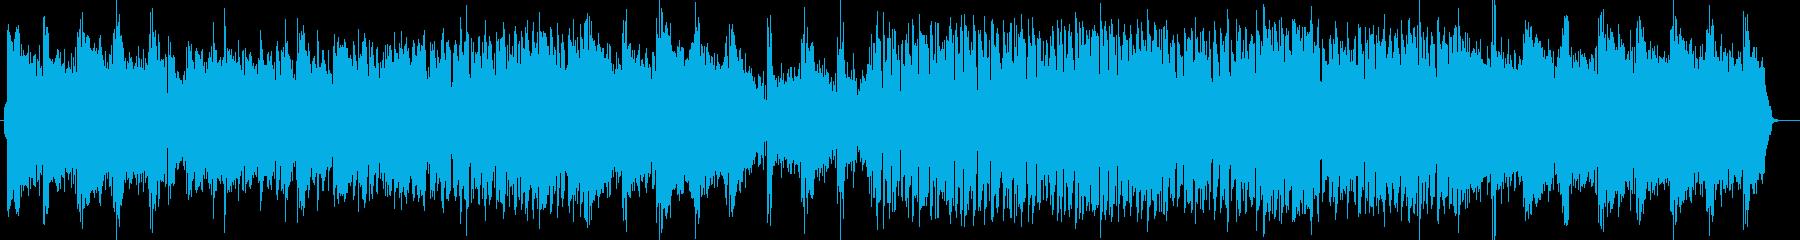 きれいで優しいミュージックの再生済みの波形